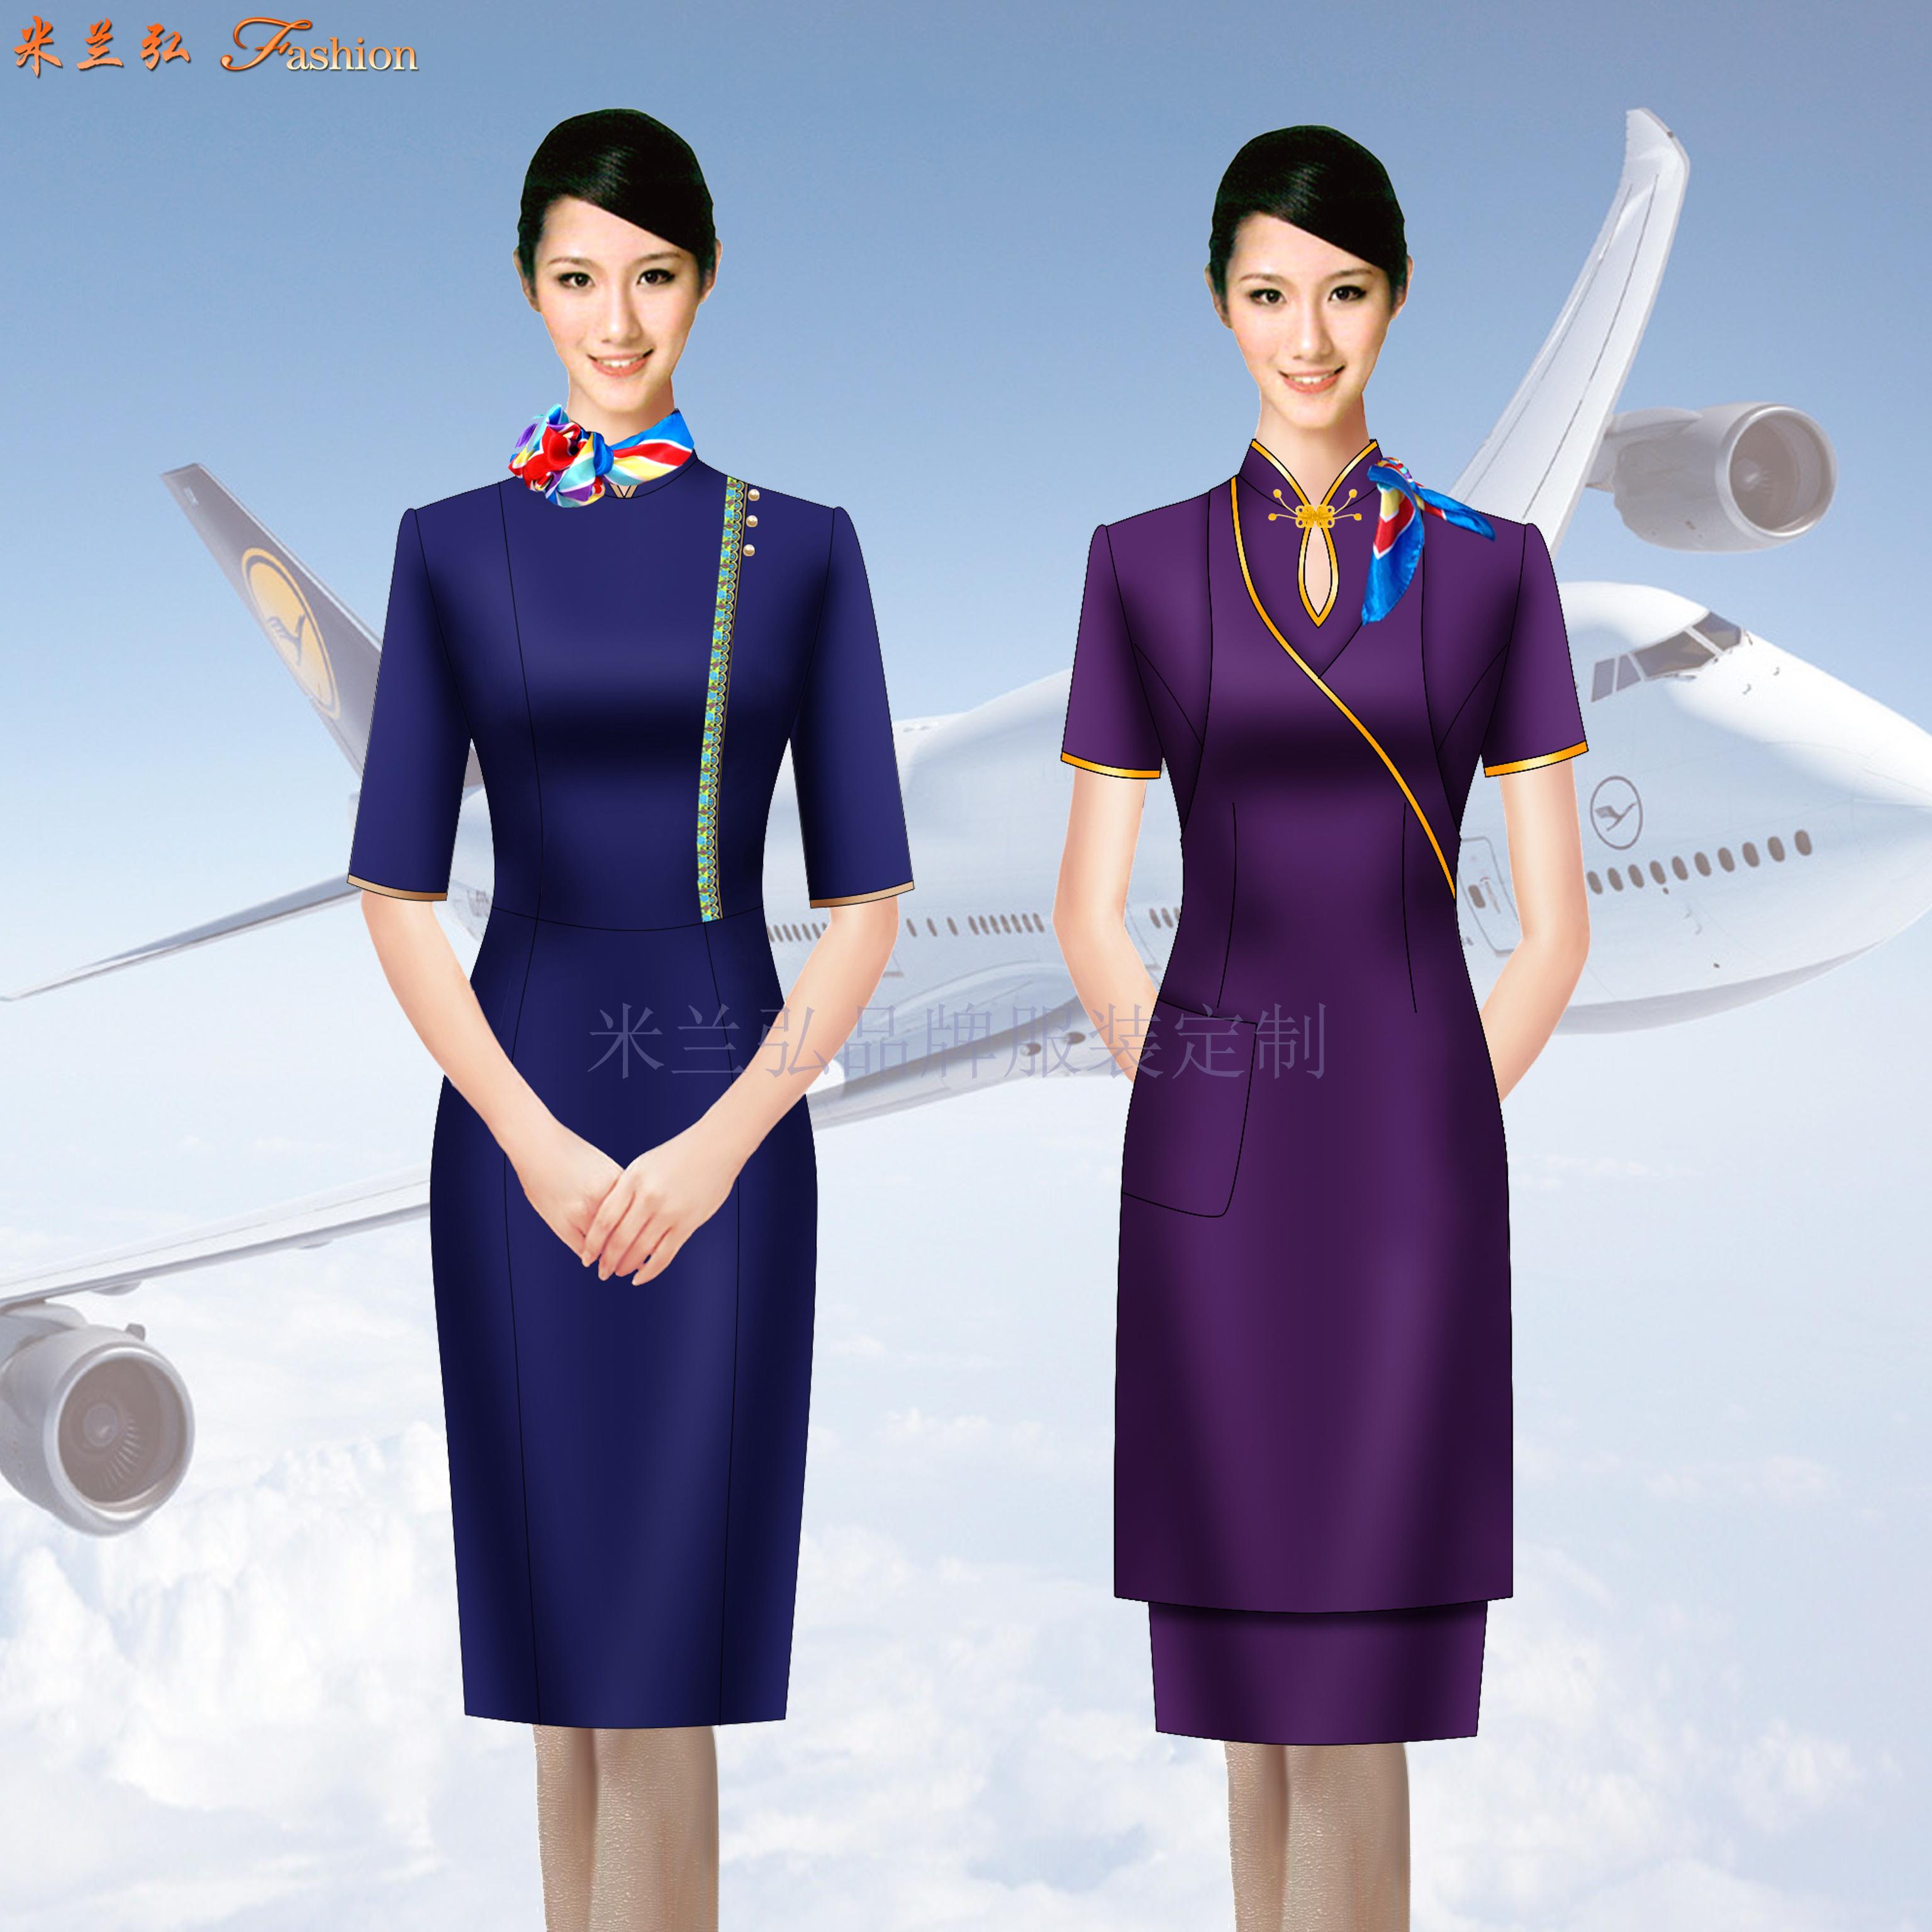 空姐連衣裙製服圖片|高鐵乘務員中式立領連衣裙定做-湖北快3服裝-2